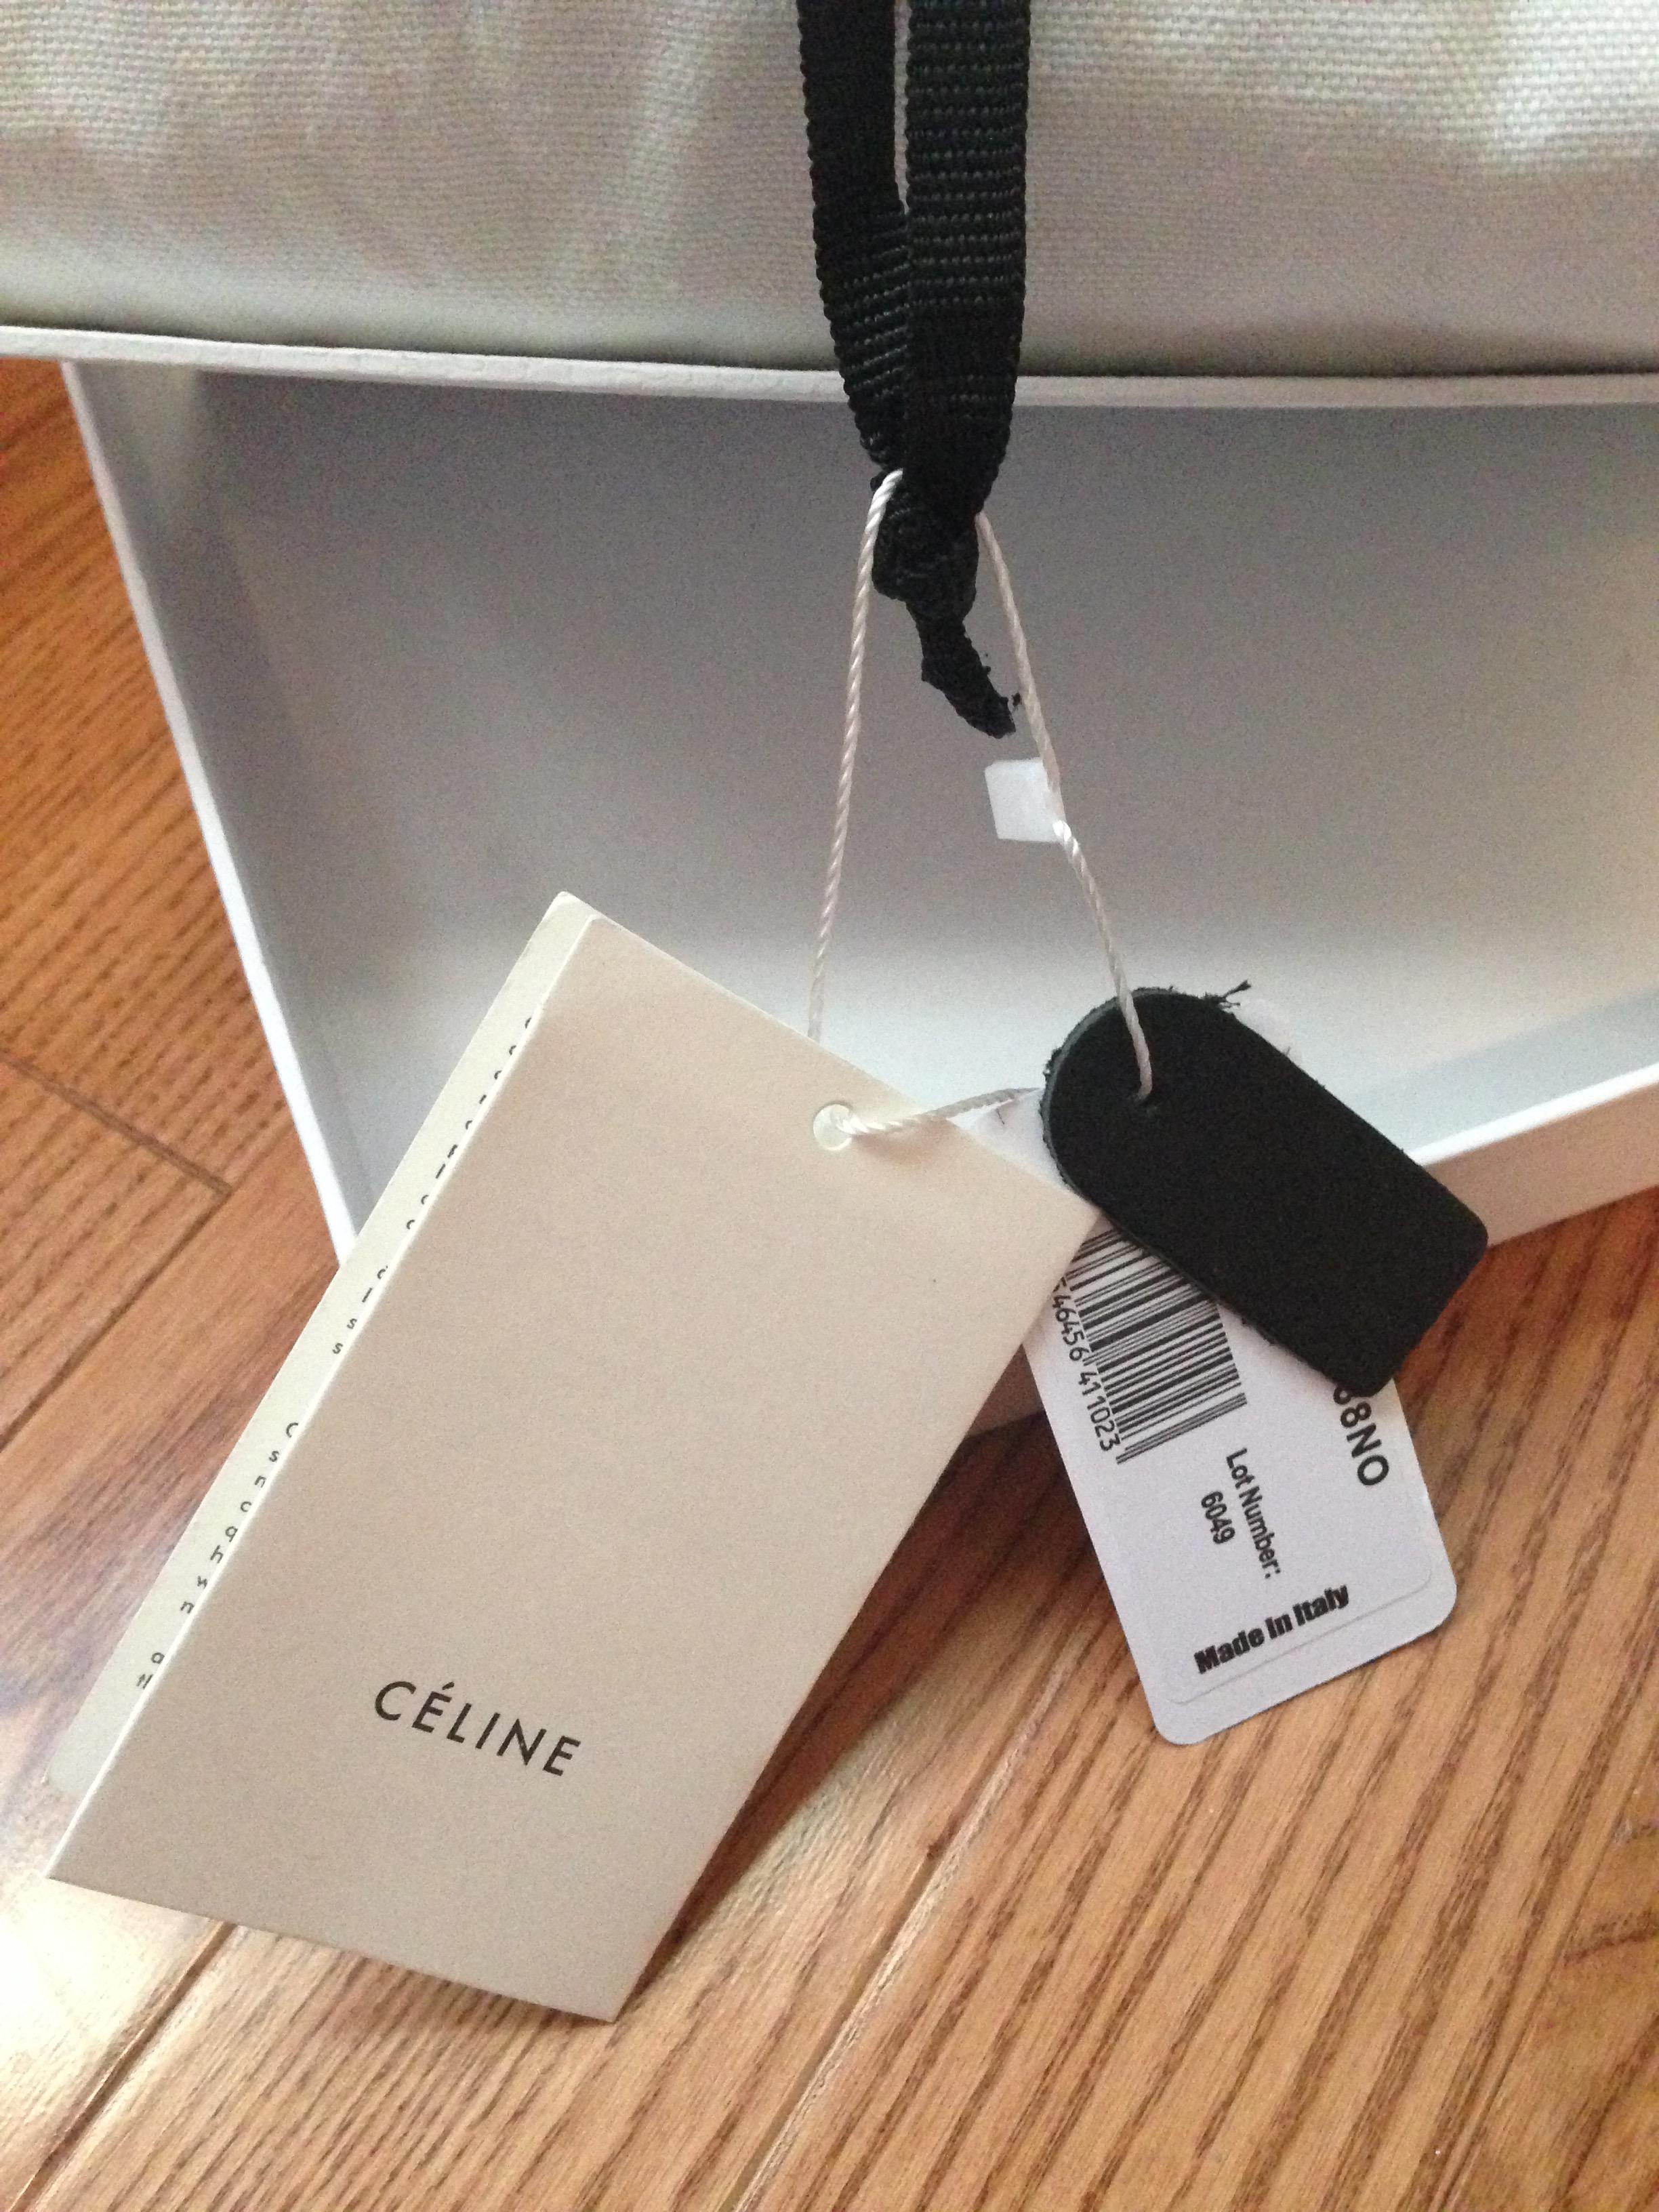 buy authentic celine handbags